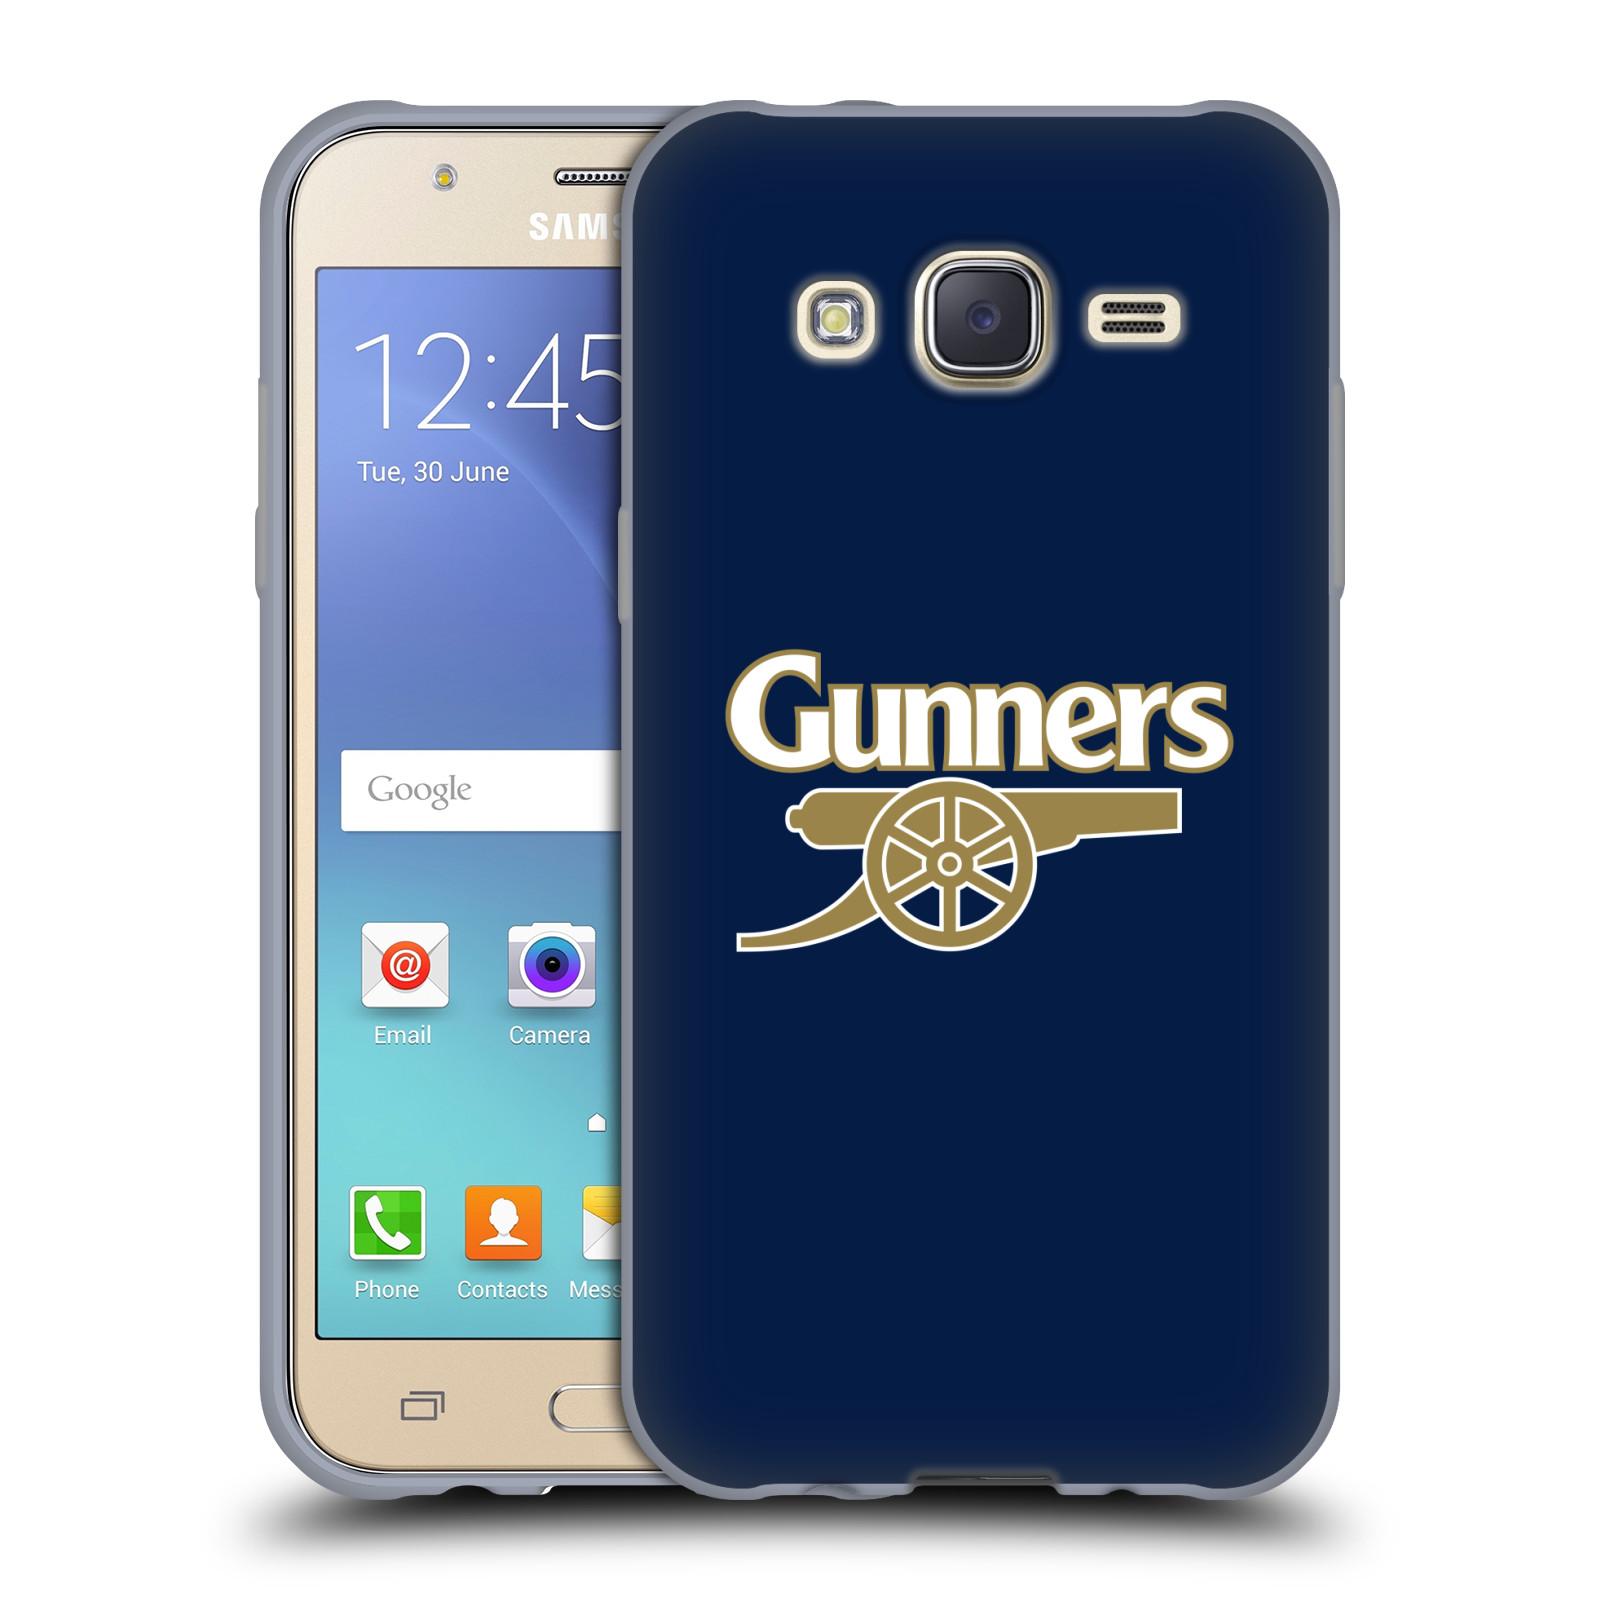 Silikonové pouzdro na mobil Samsung Galaxy J5 - Head Case - Arsenal FC - Gunners